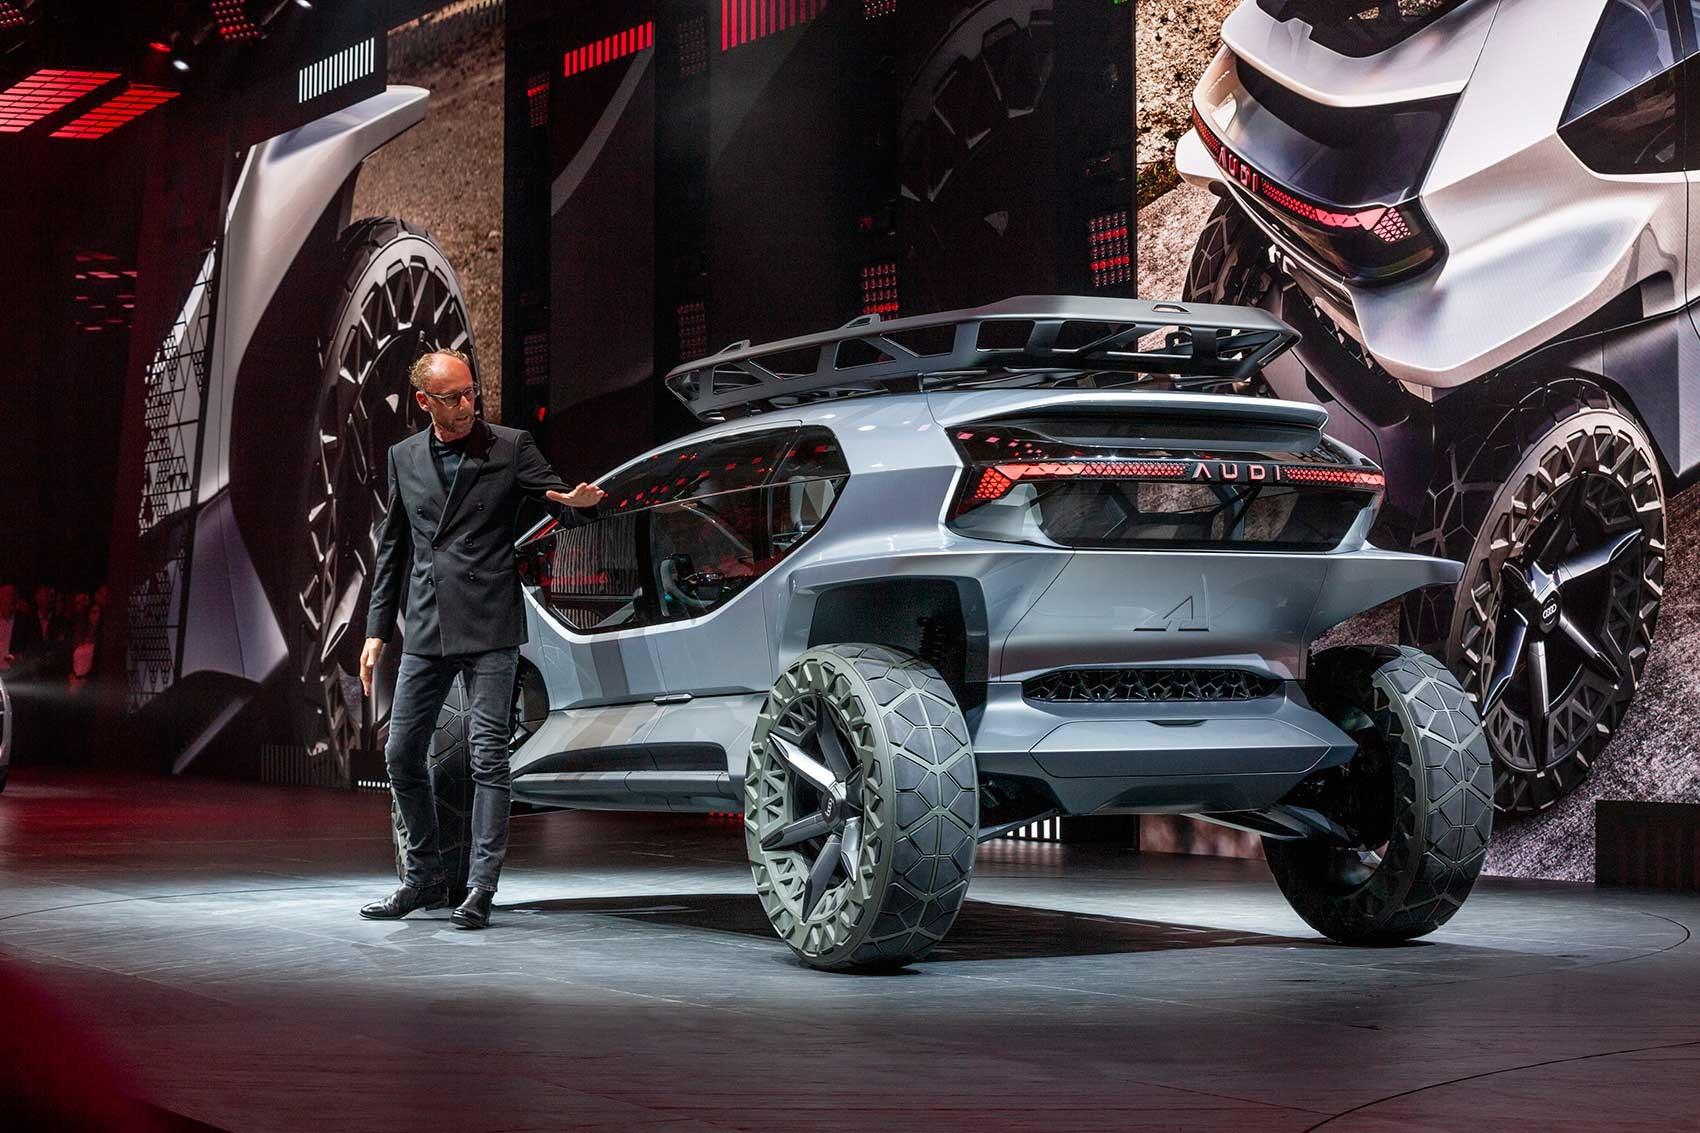 Kelebihan Kekurangan Audi Ai Spesifikasi